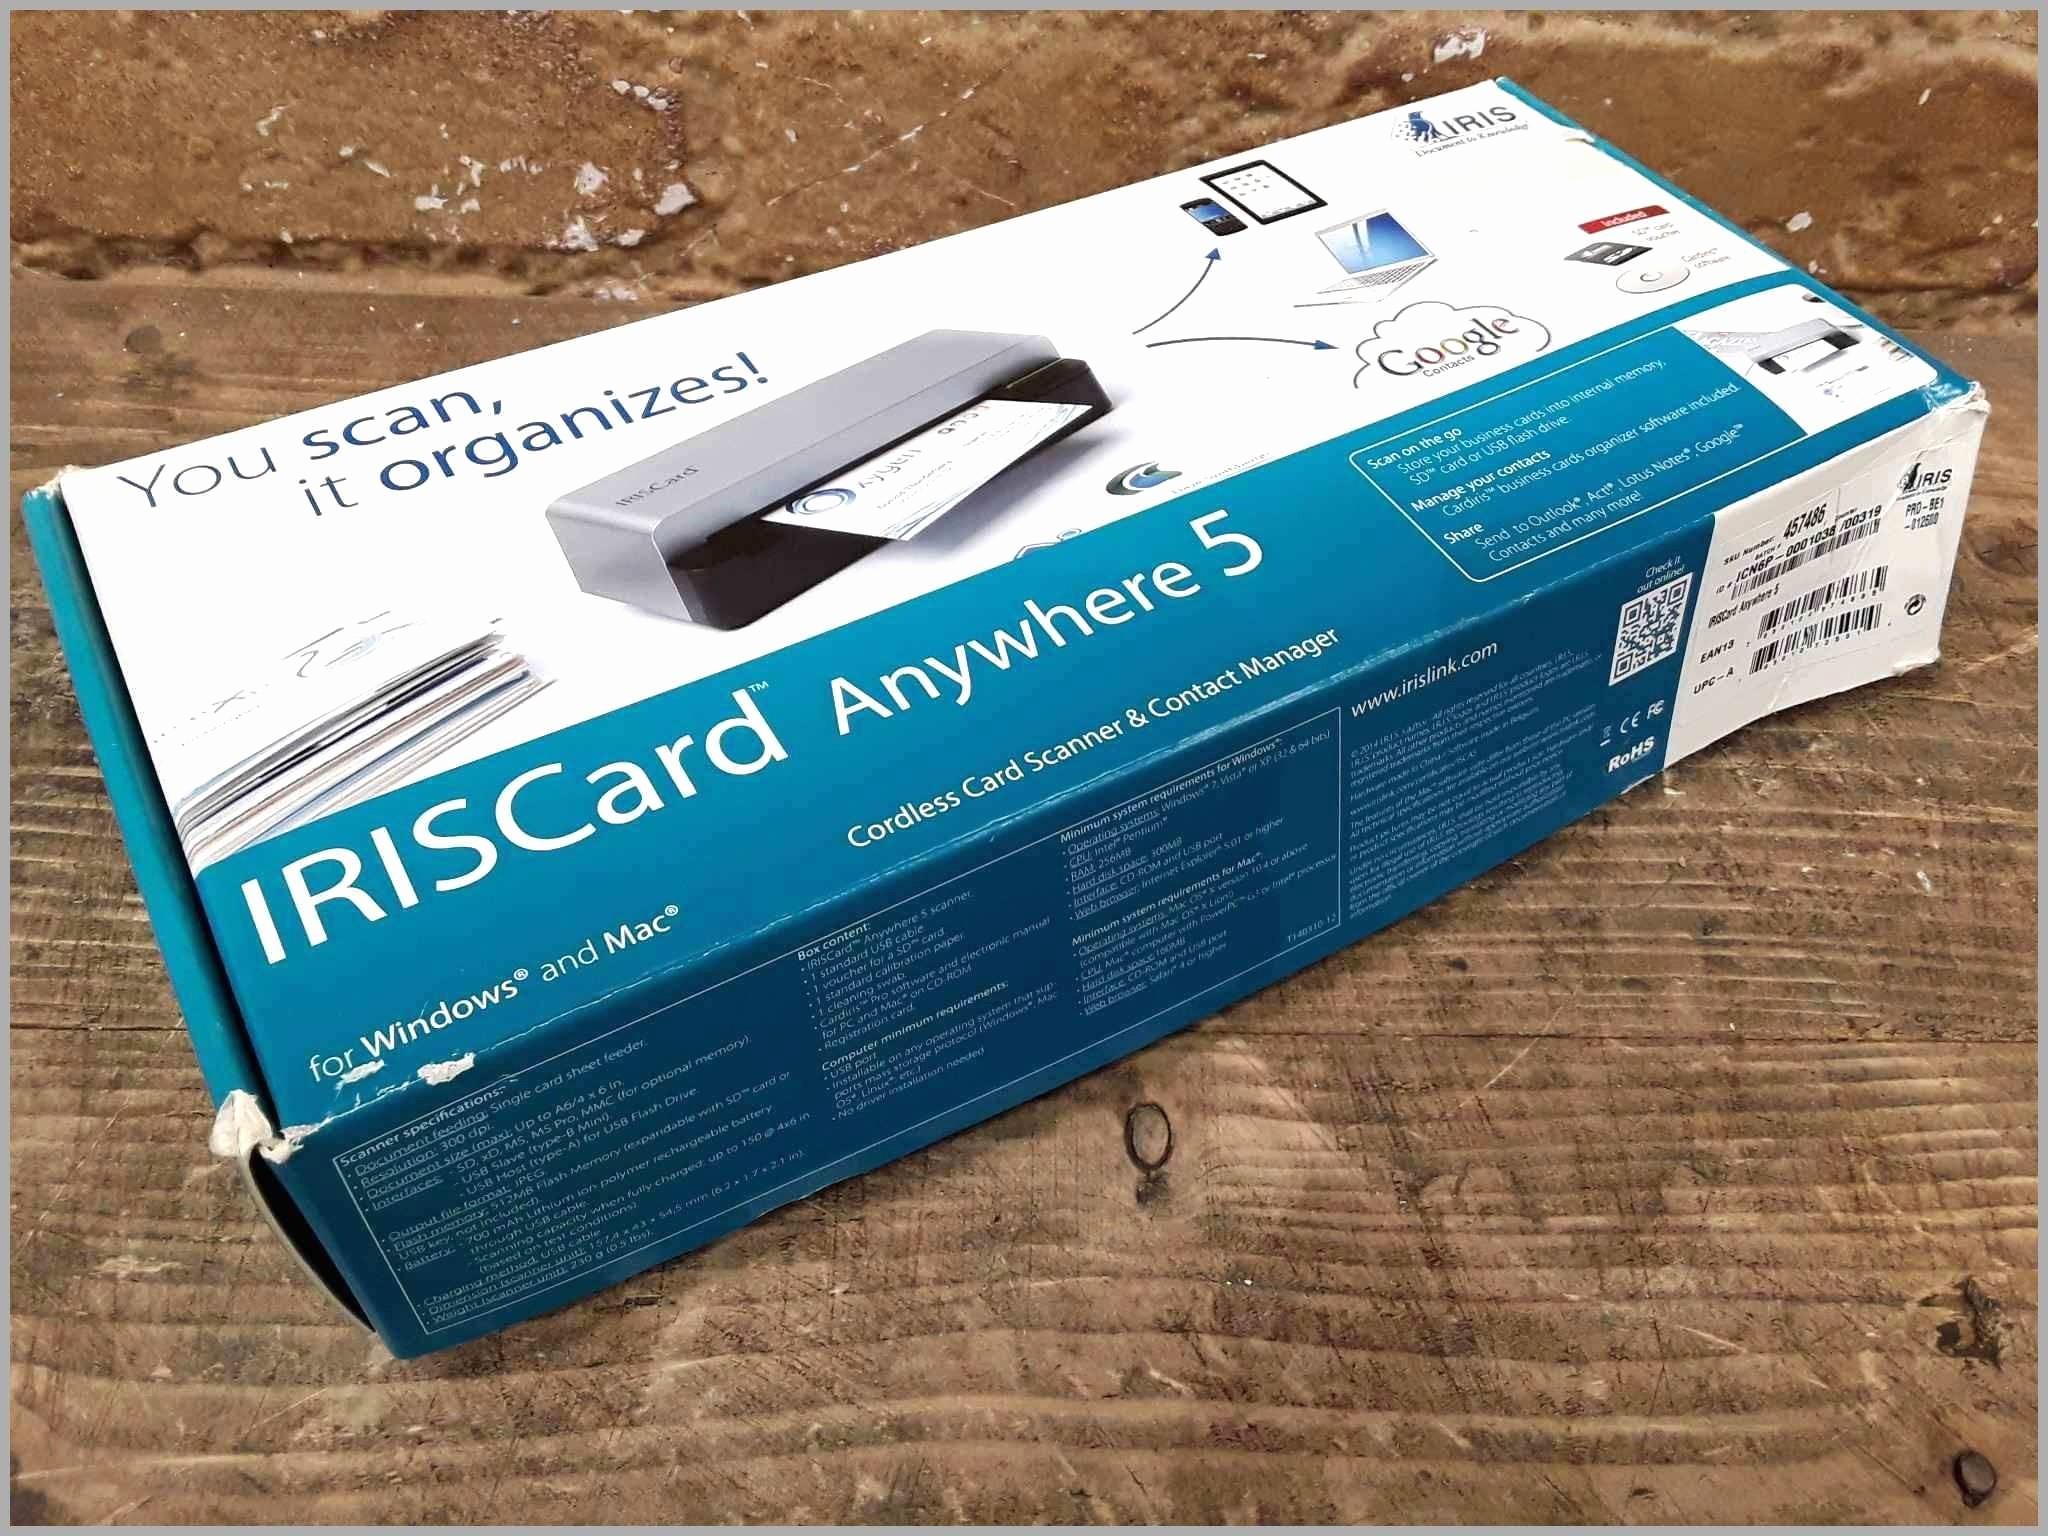 Royal Brites Business Cards Templates Unique 58 Inspirational Royal Brites Business Cards